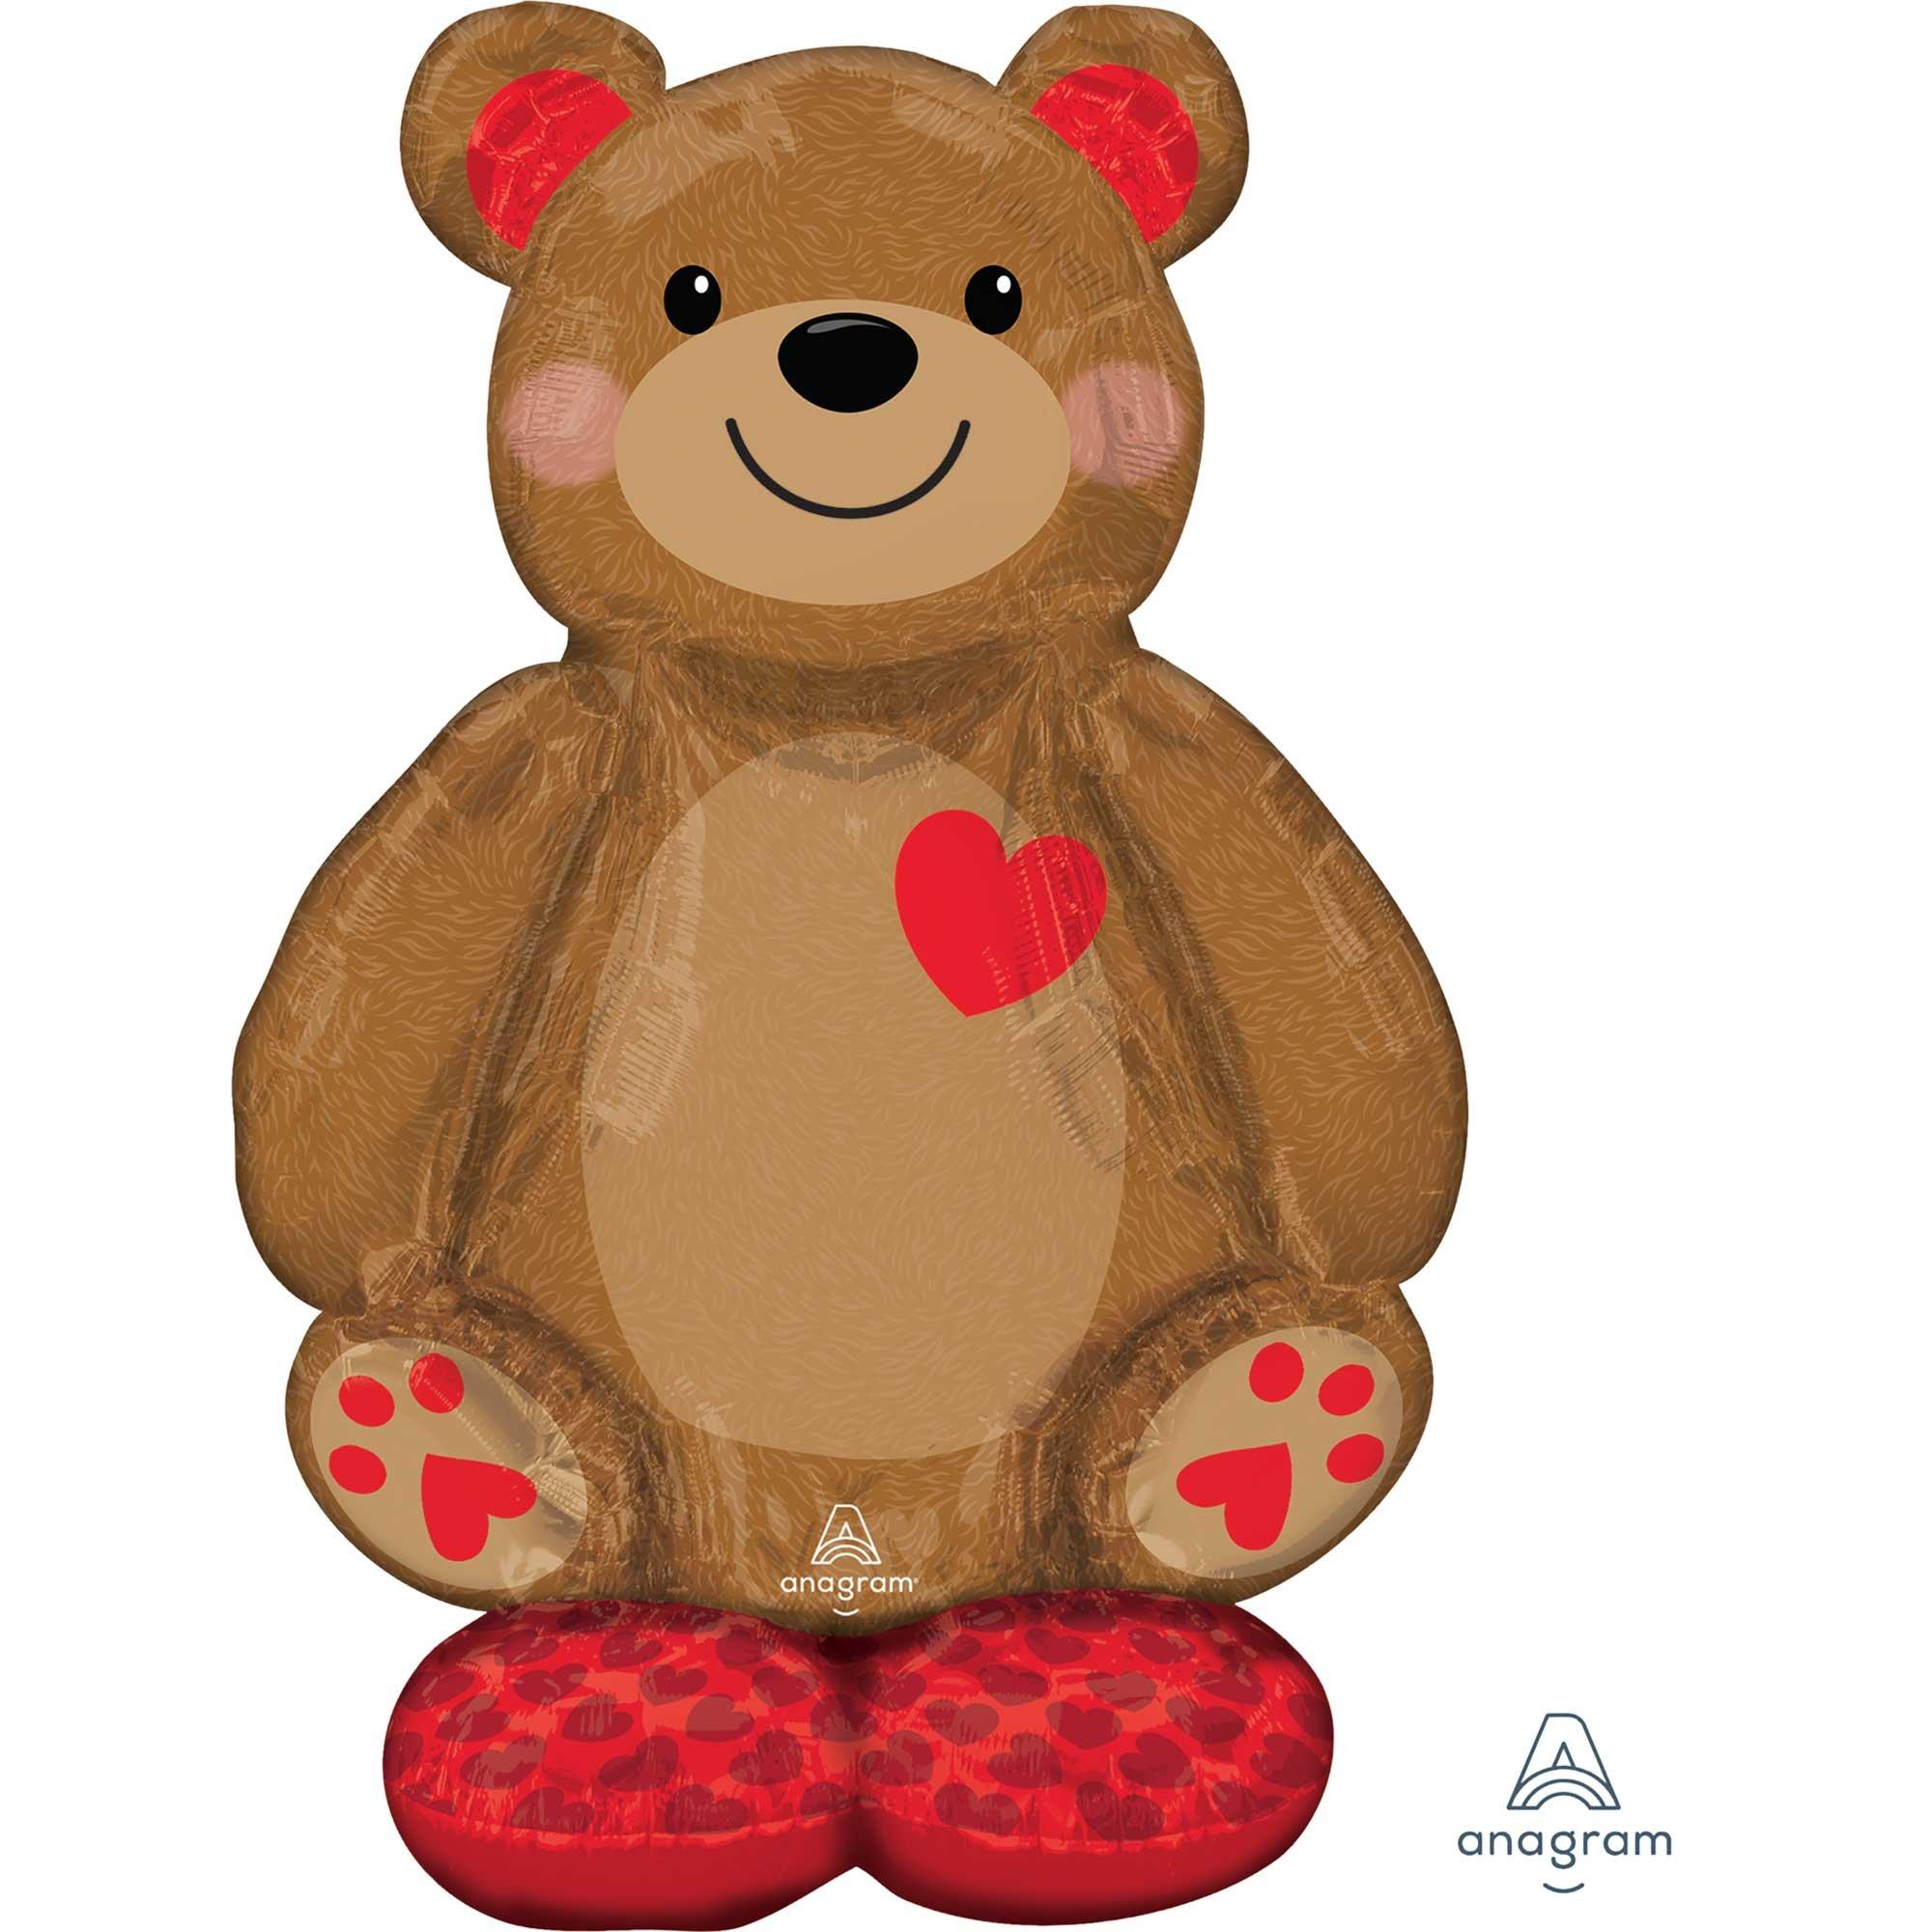 CI: AirLoonz Big Cuddly Teddy P70